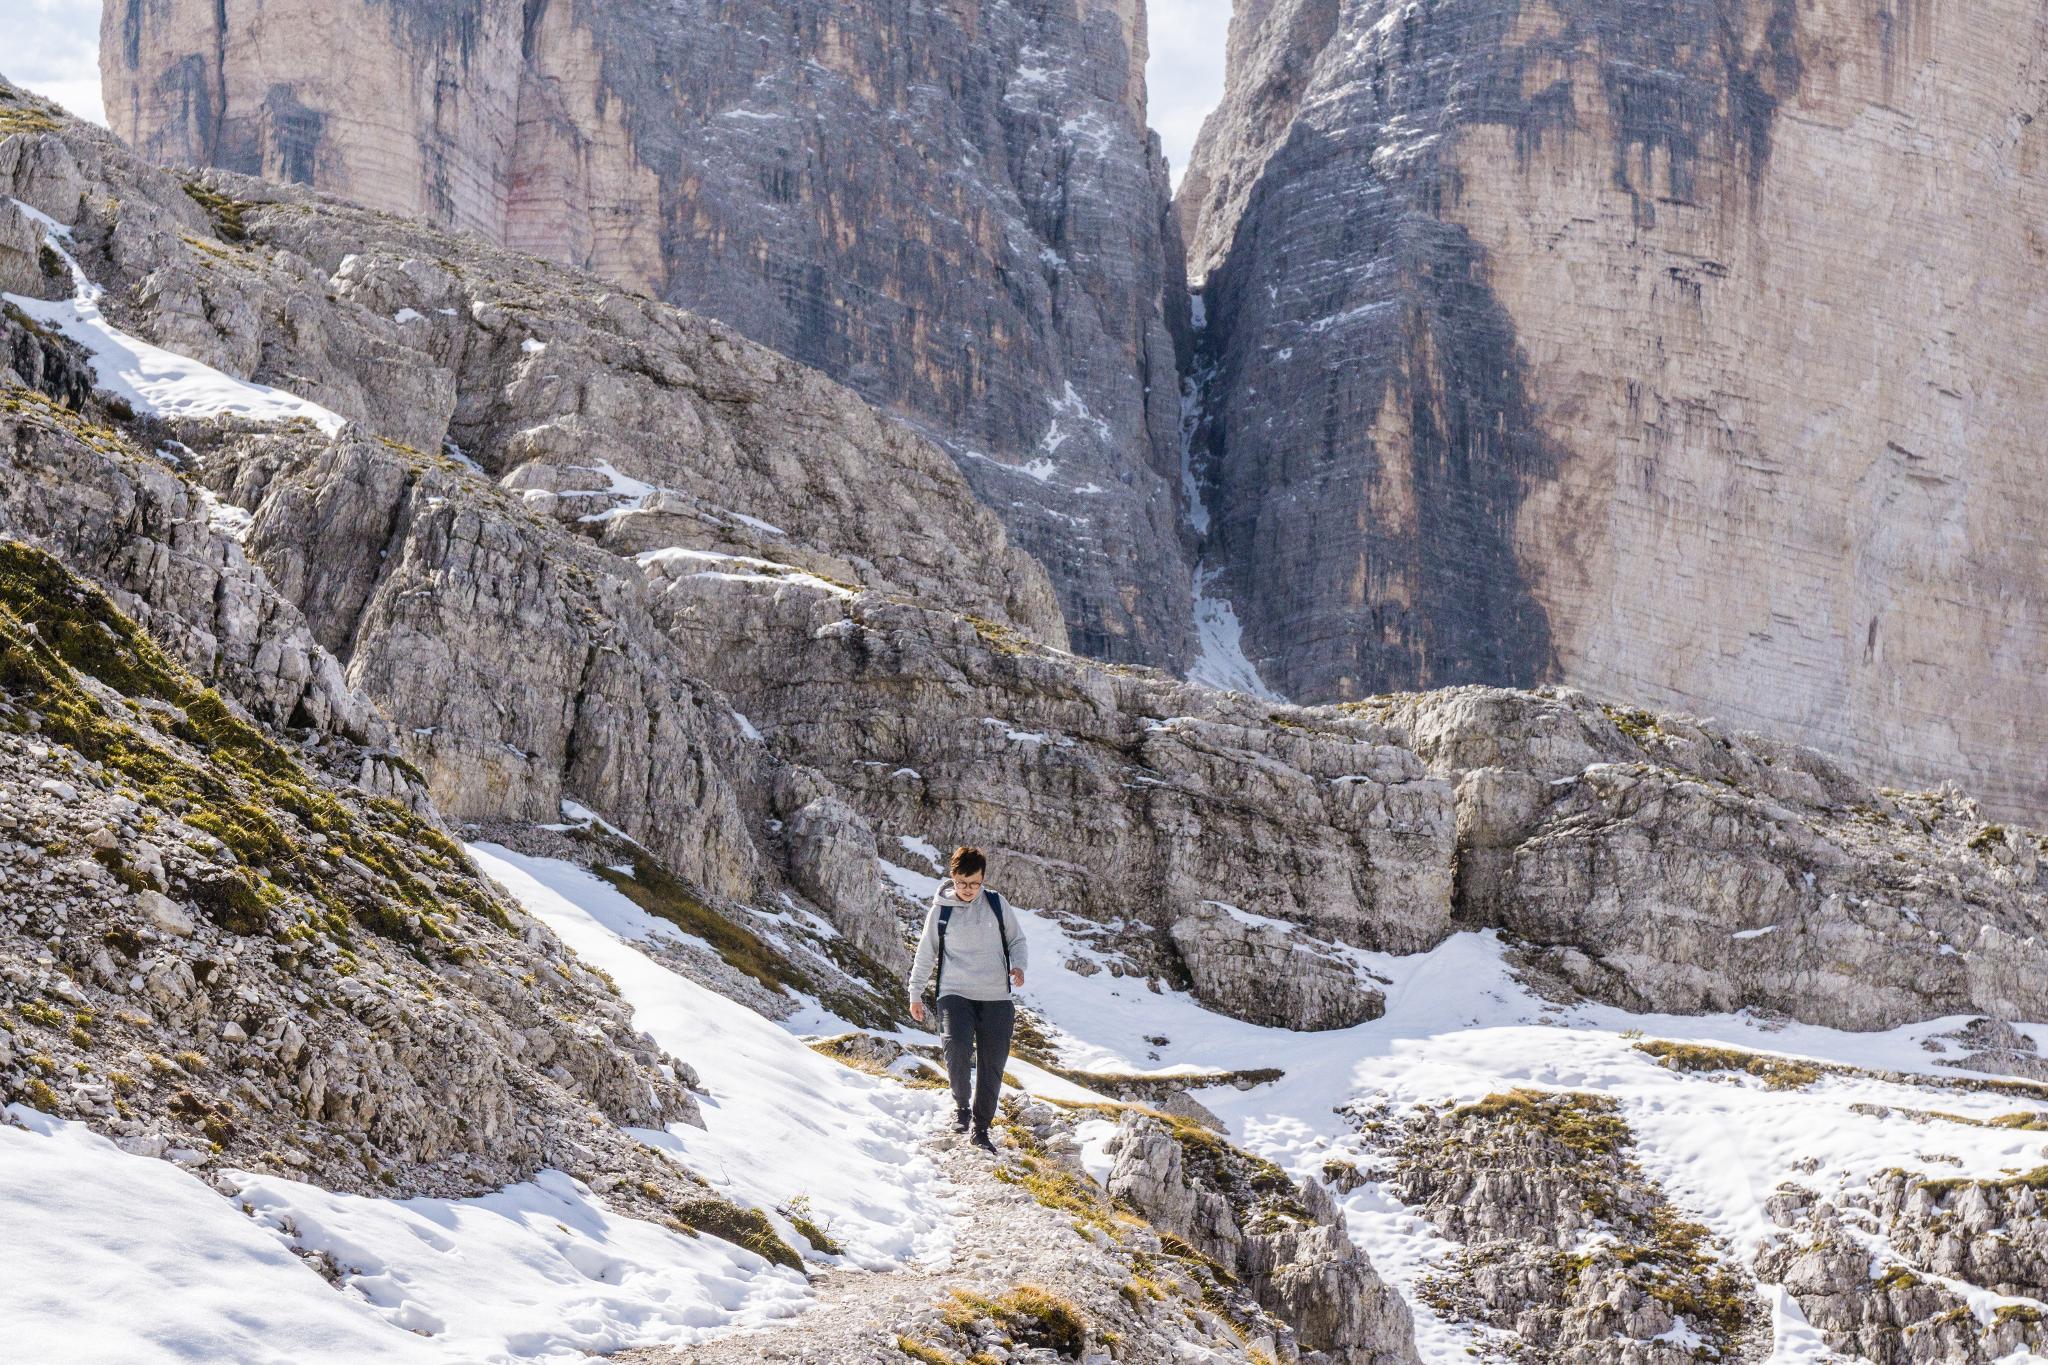 【義大利】健行在阿爾卑斯的絕美秘境:多洛米提山脈 (The Dolomites) 行程規劃全攻略